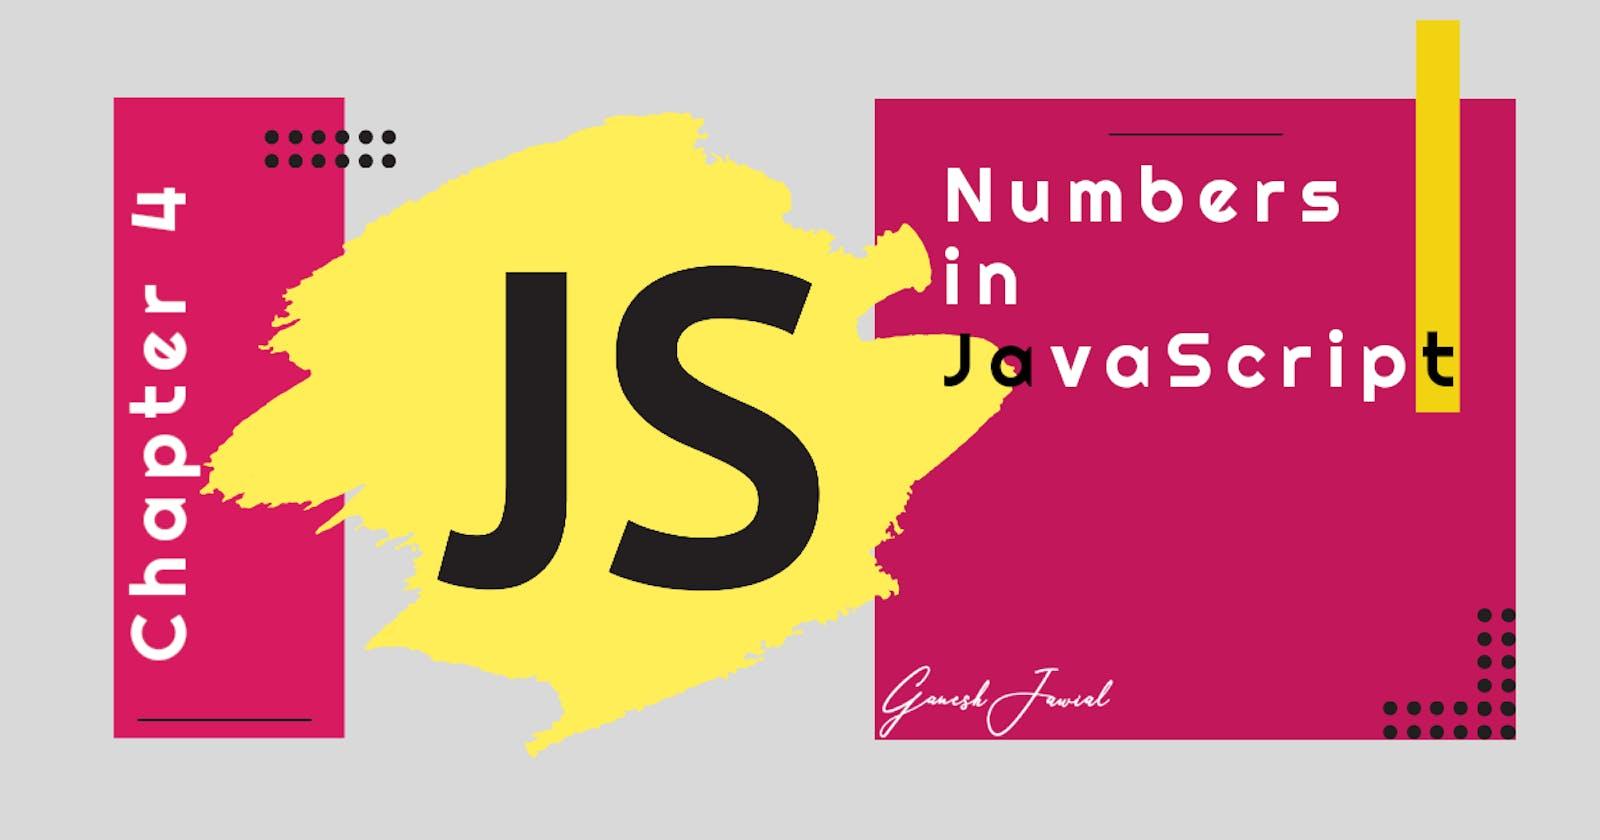 Numbers in JavaScript